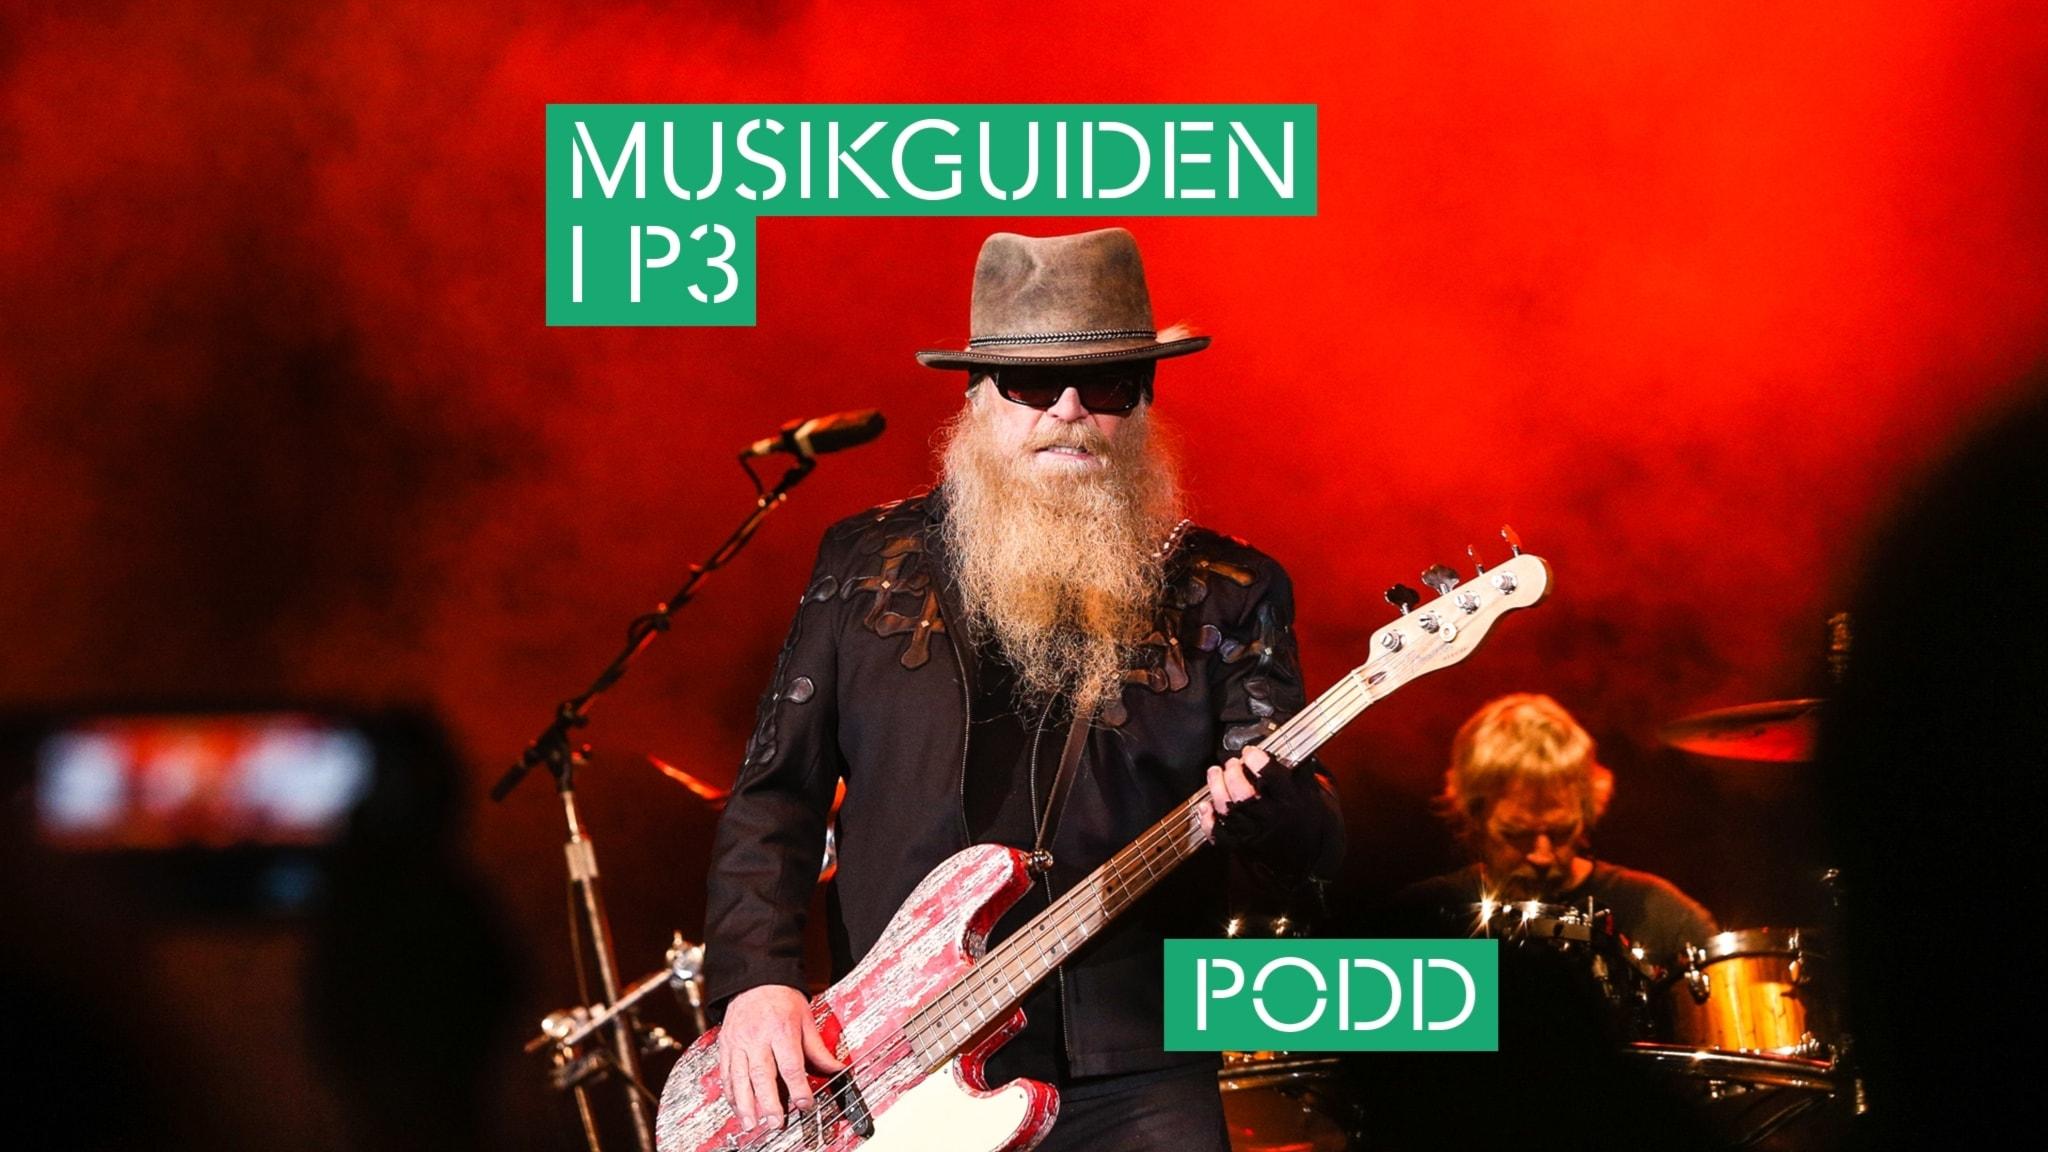 Musikguiden i P3s podd om hårdrock